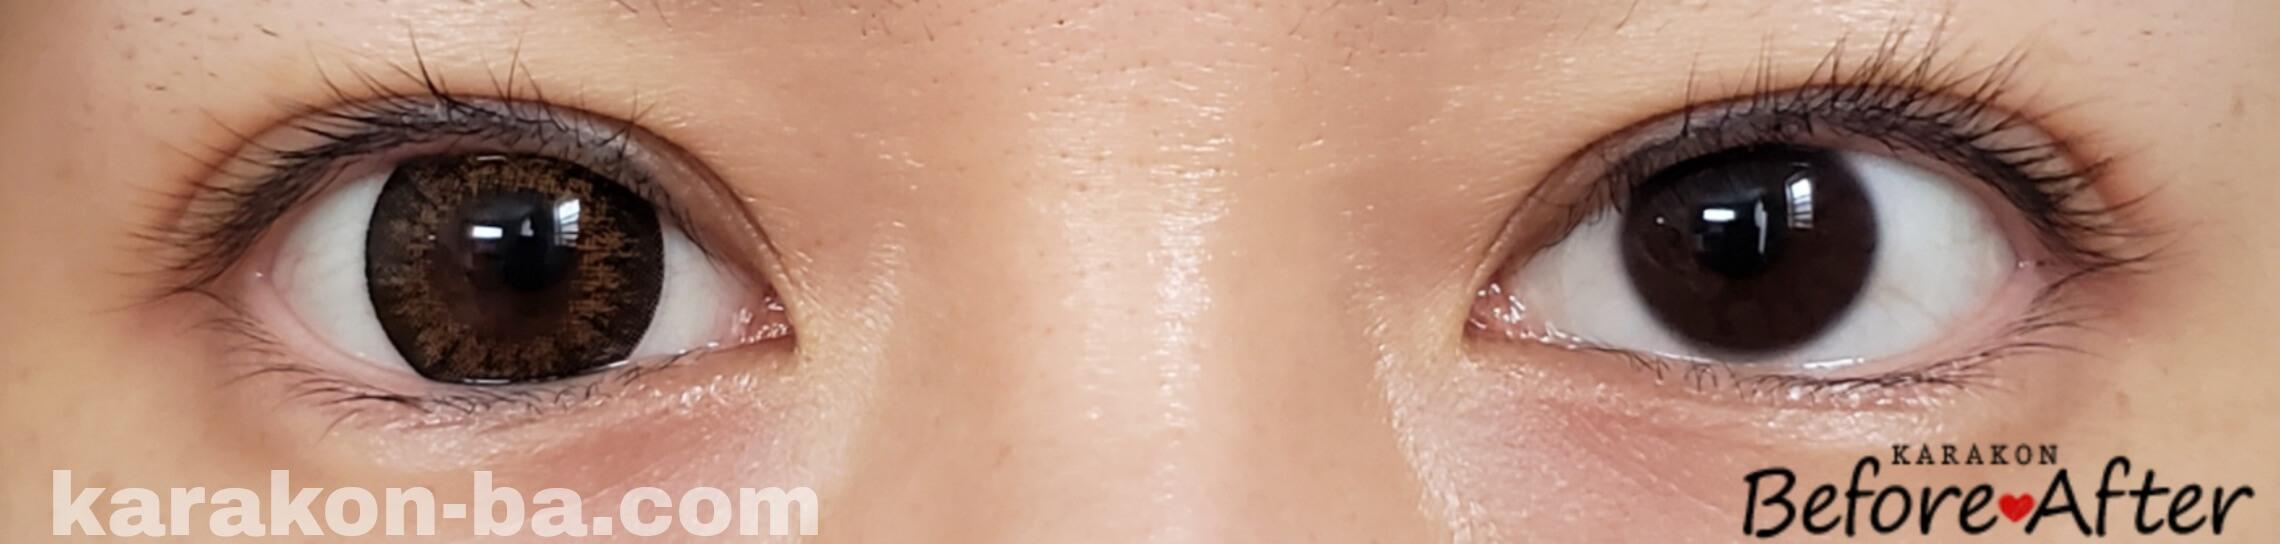 No.6ブラウンのカラコン装着画像/裸眼と比較